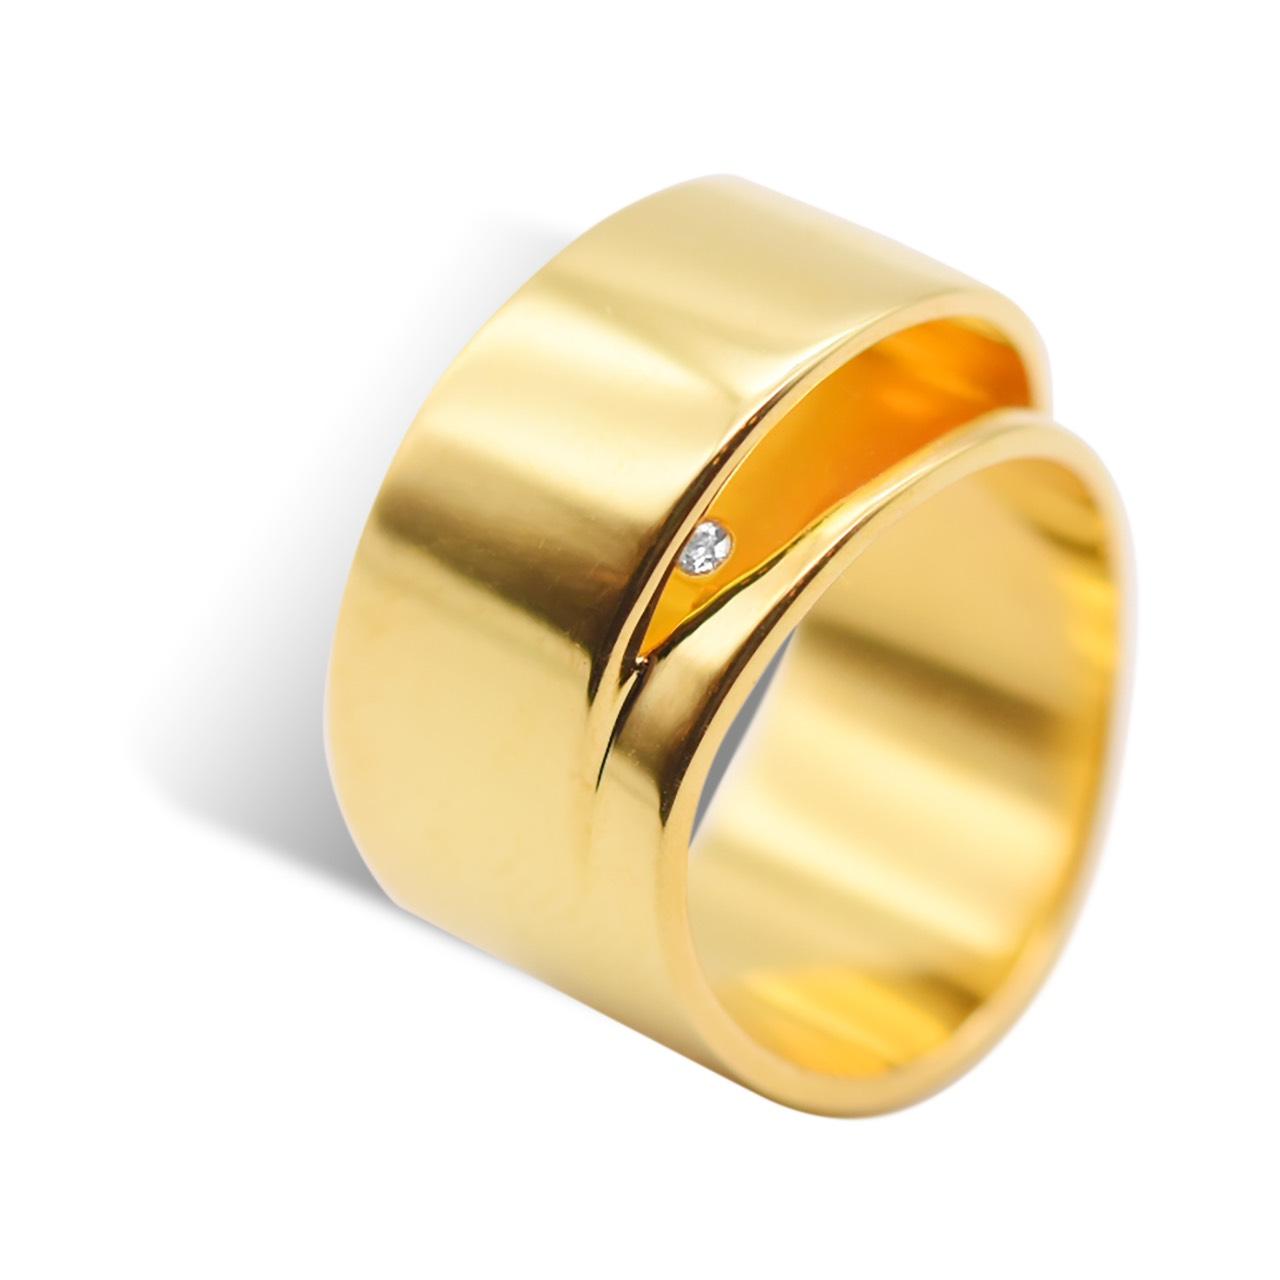 <Duplus Ring> K24 ゴールドヴェルメイユ 30,800円